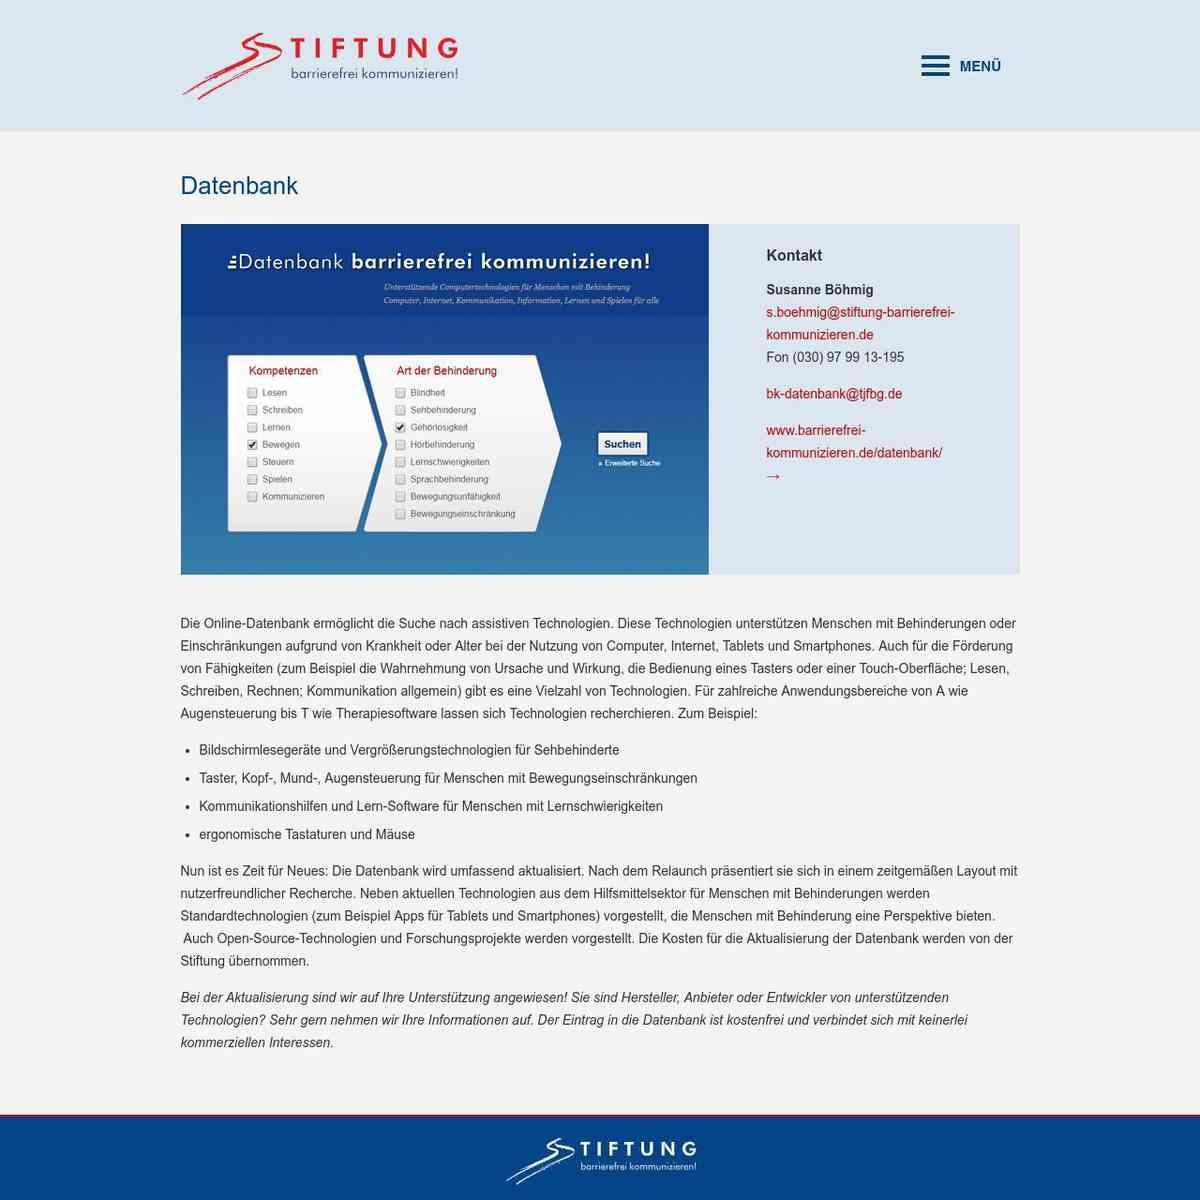 Datenbank | Unsere Arbeit Stiftung barrierefrei kommunizieren!